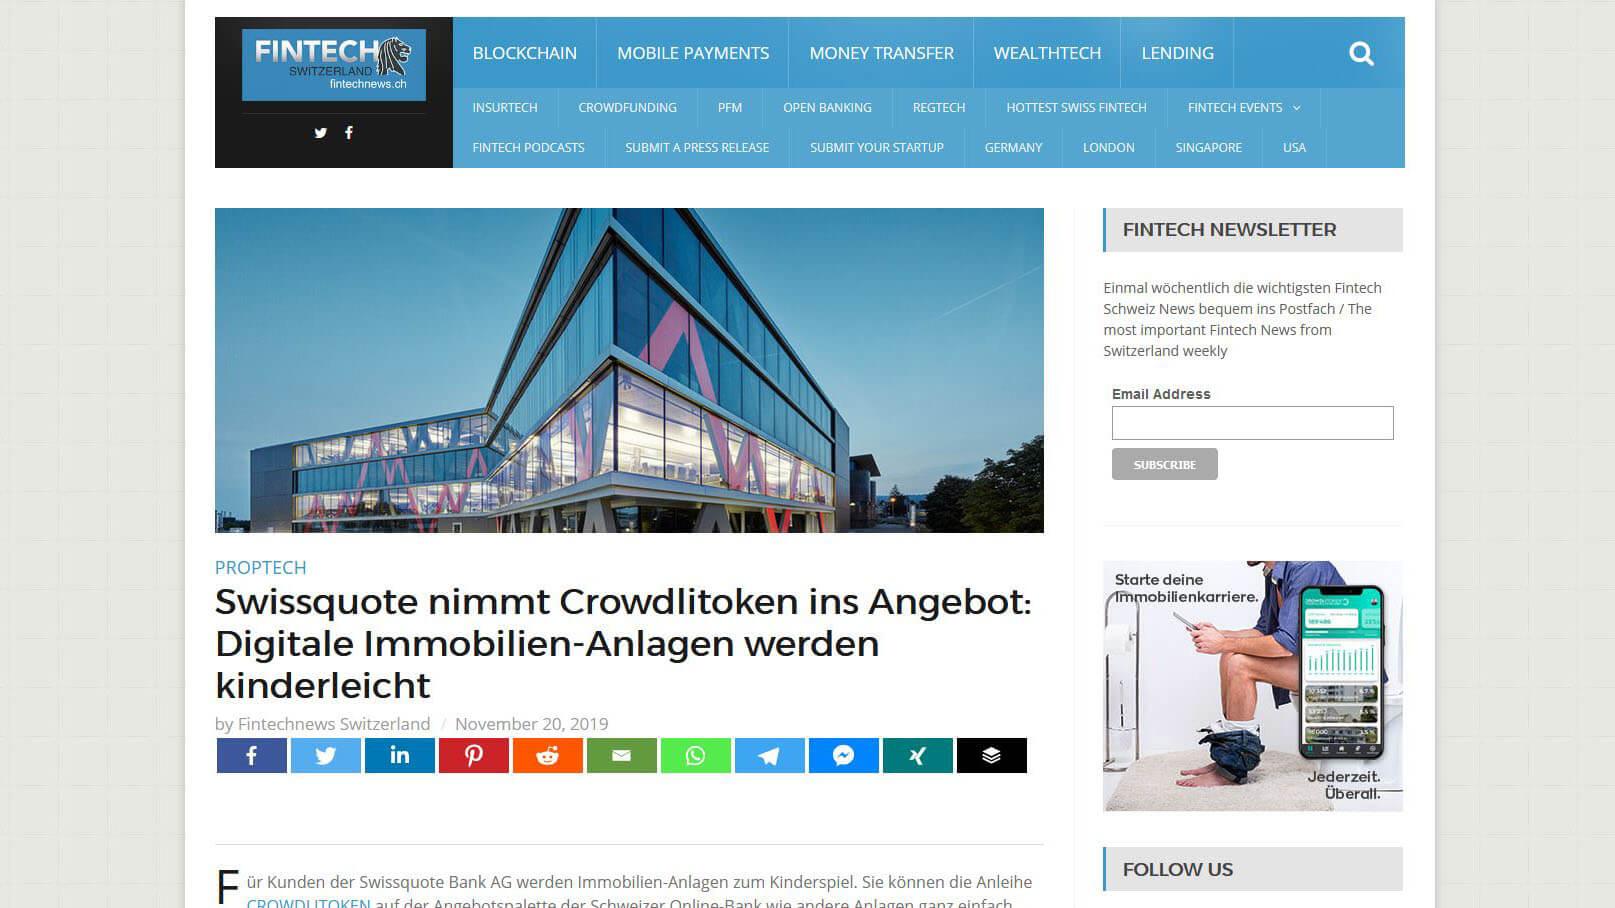 Bericht zur Swissquote-Partnerschaft auf Fintech News